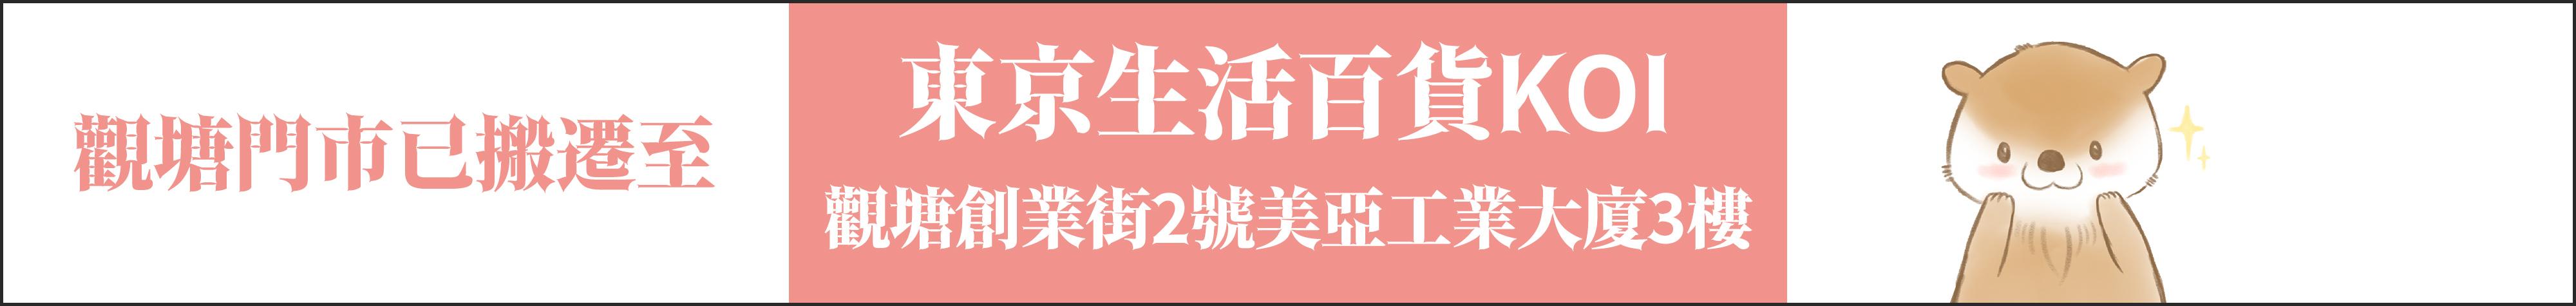 觀塘店已搬遷至 東京生活百貨KOI